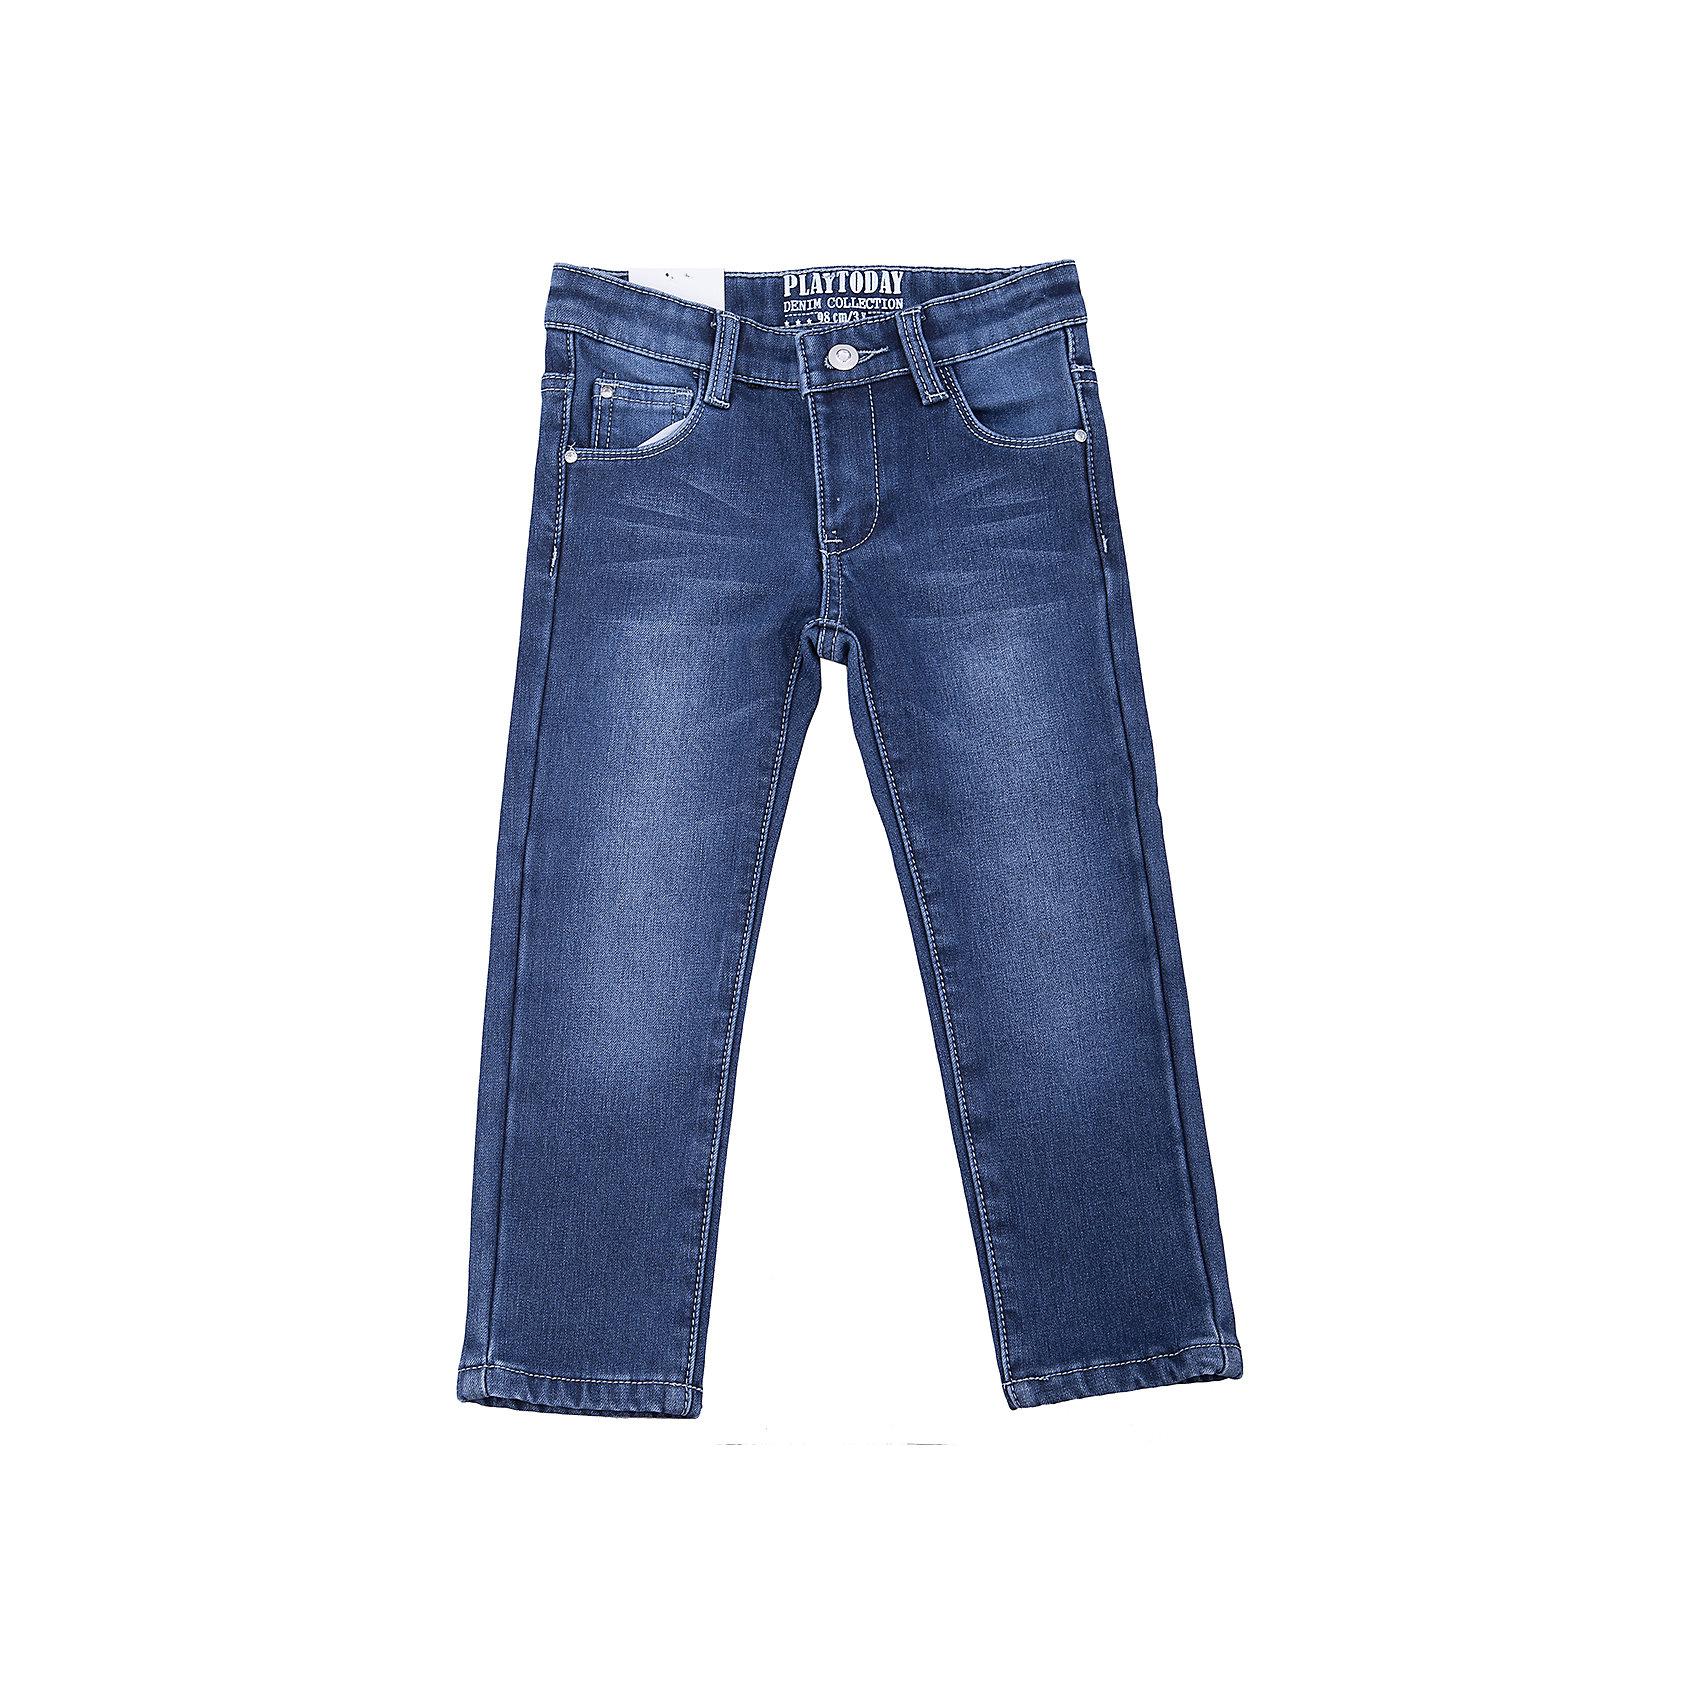 Джинсы PlayToday для девочкиДжинсы<br>Джинсы PlayToday для девочки<br>Брюки - джинсы из натурального хлопка - отличное решение для повседневного гардероба. Добавление в материал эластана позволяет изделию хорошо сесть по фигуре. Брюки классической 5-ти карманной модели, со шлевками. При необходимости могут быть дополнены ремнем, декорированы потертостями.<br>Состав:<br>50% хлопок, 48% полиэстер, 2 эластан<br><br>Ширина мм: 215<br>Глубина мм: 88<br>Высота мм: 191<br>Вес г: 336<br>Цвет: синий<br>Возраст от месяцев: 84<br>Возраст до месяцев: 96<br>Пол: Женский<br>Возраст: Детский<br>Размер: 128,98,104,110,116,122<br>SKU: 7115379